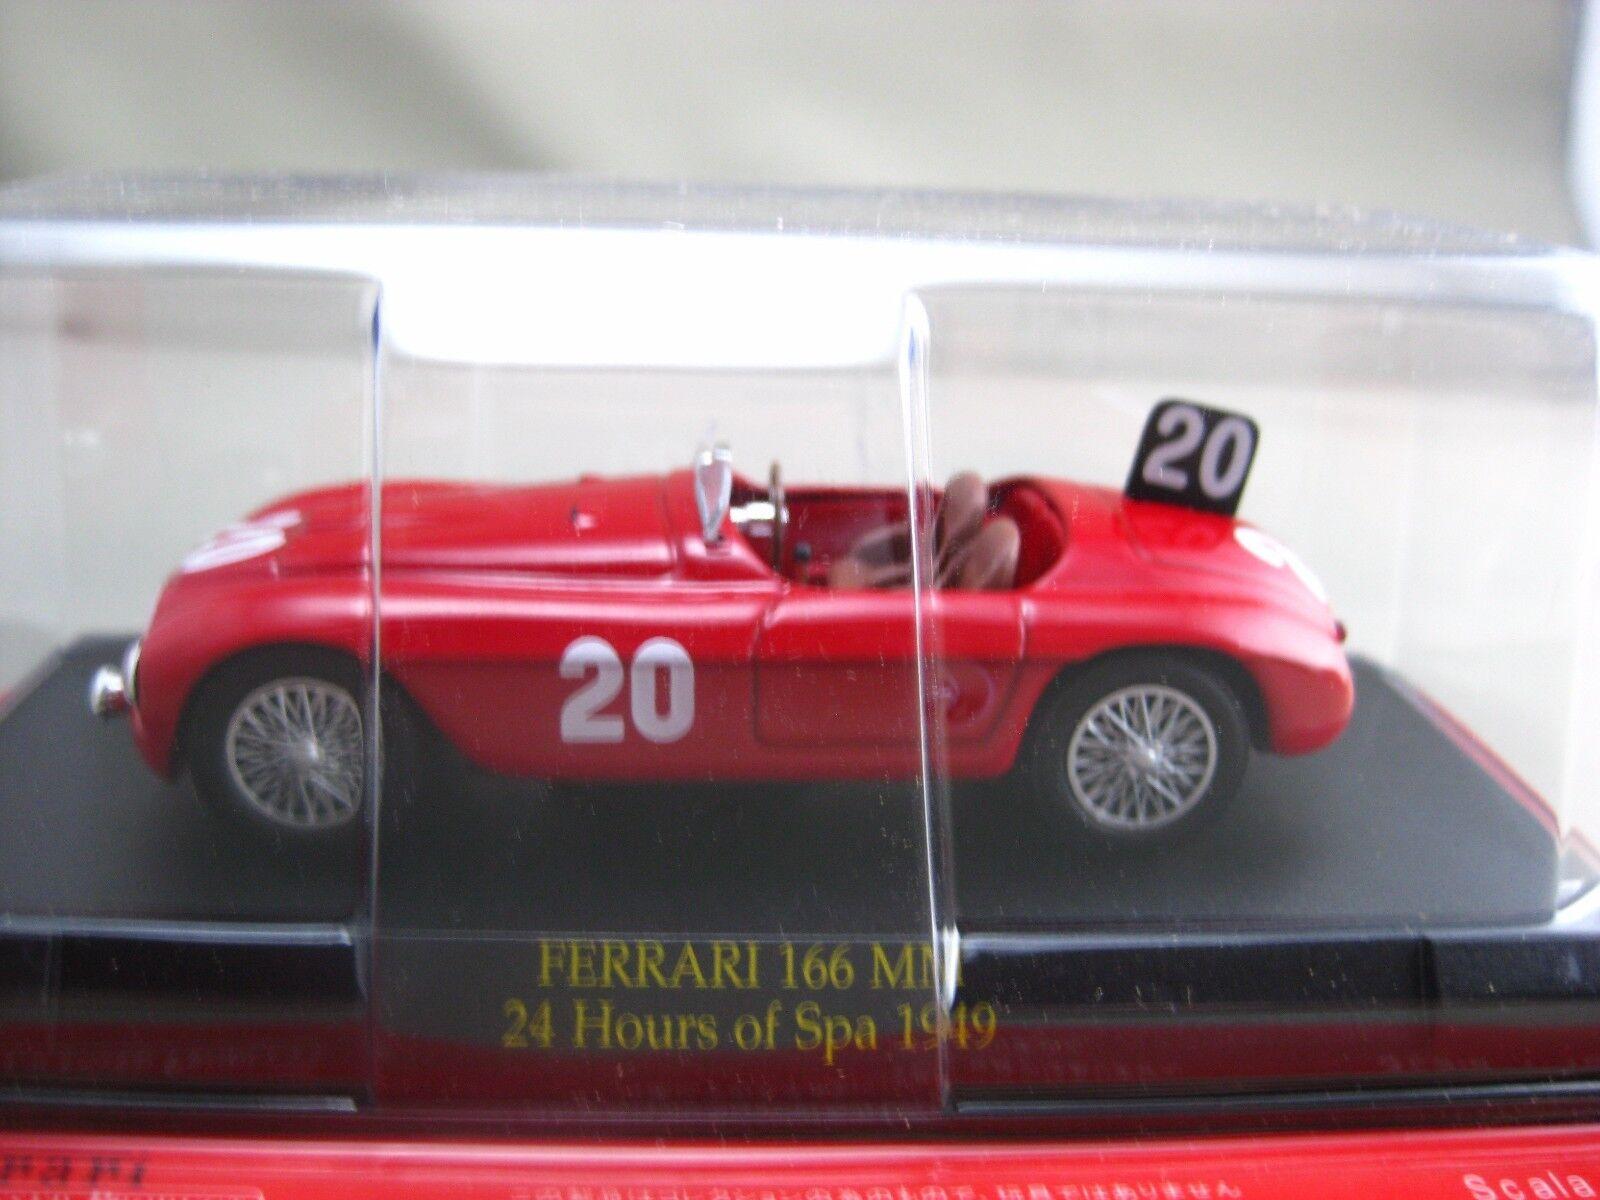 Ferrari 166 MM 24 H de SPA 1949 Hachette 1 43 Diecast voiture Vol.84